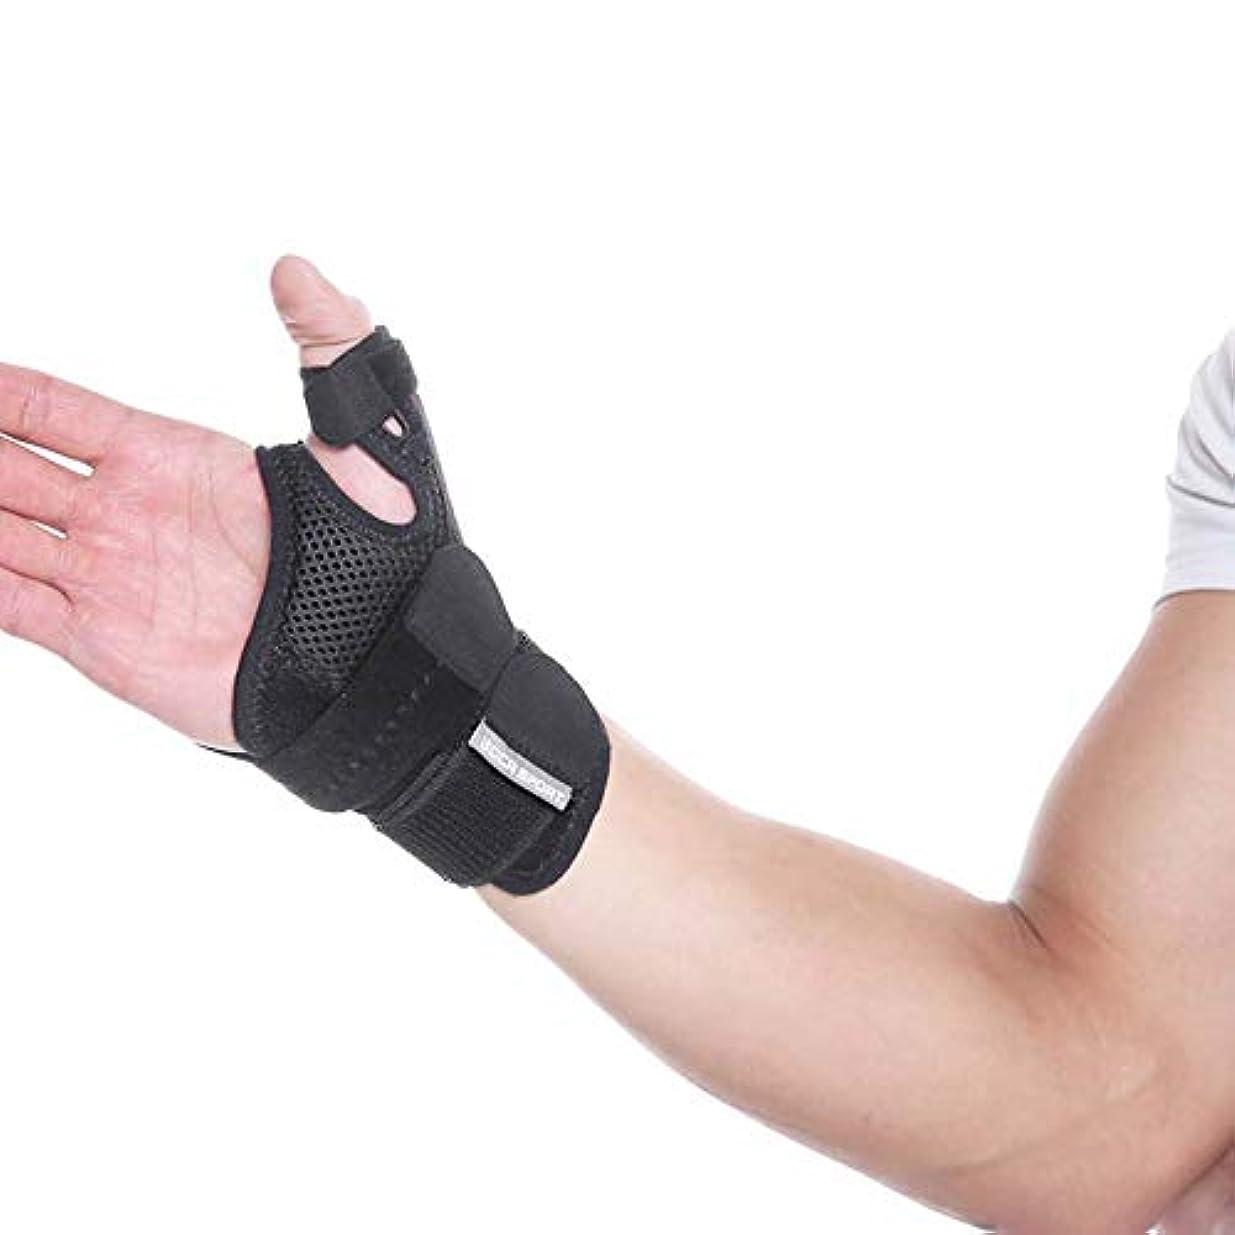 誕生通信するボーナス関節炎サムスプリント - 痛み、捻挫、株、関節炎、手根管&トリガー親指固定用親指スピカサポートブレース - リストストラップ